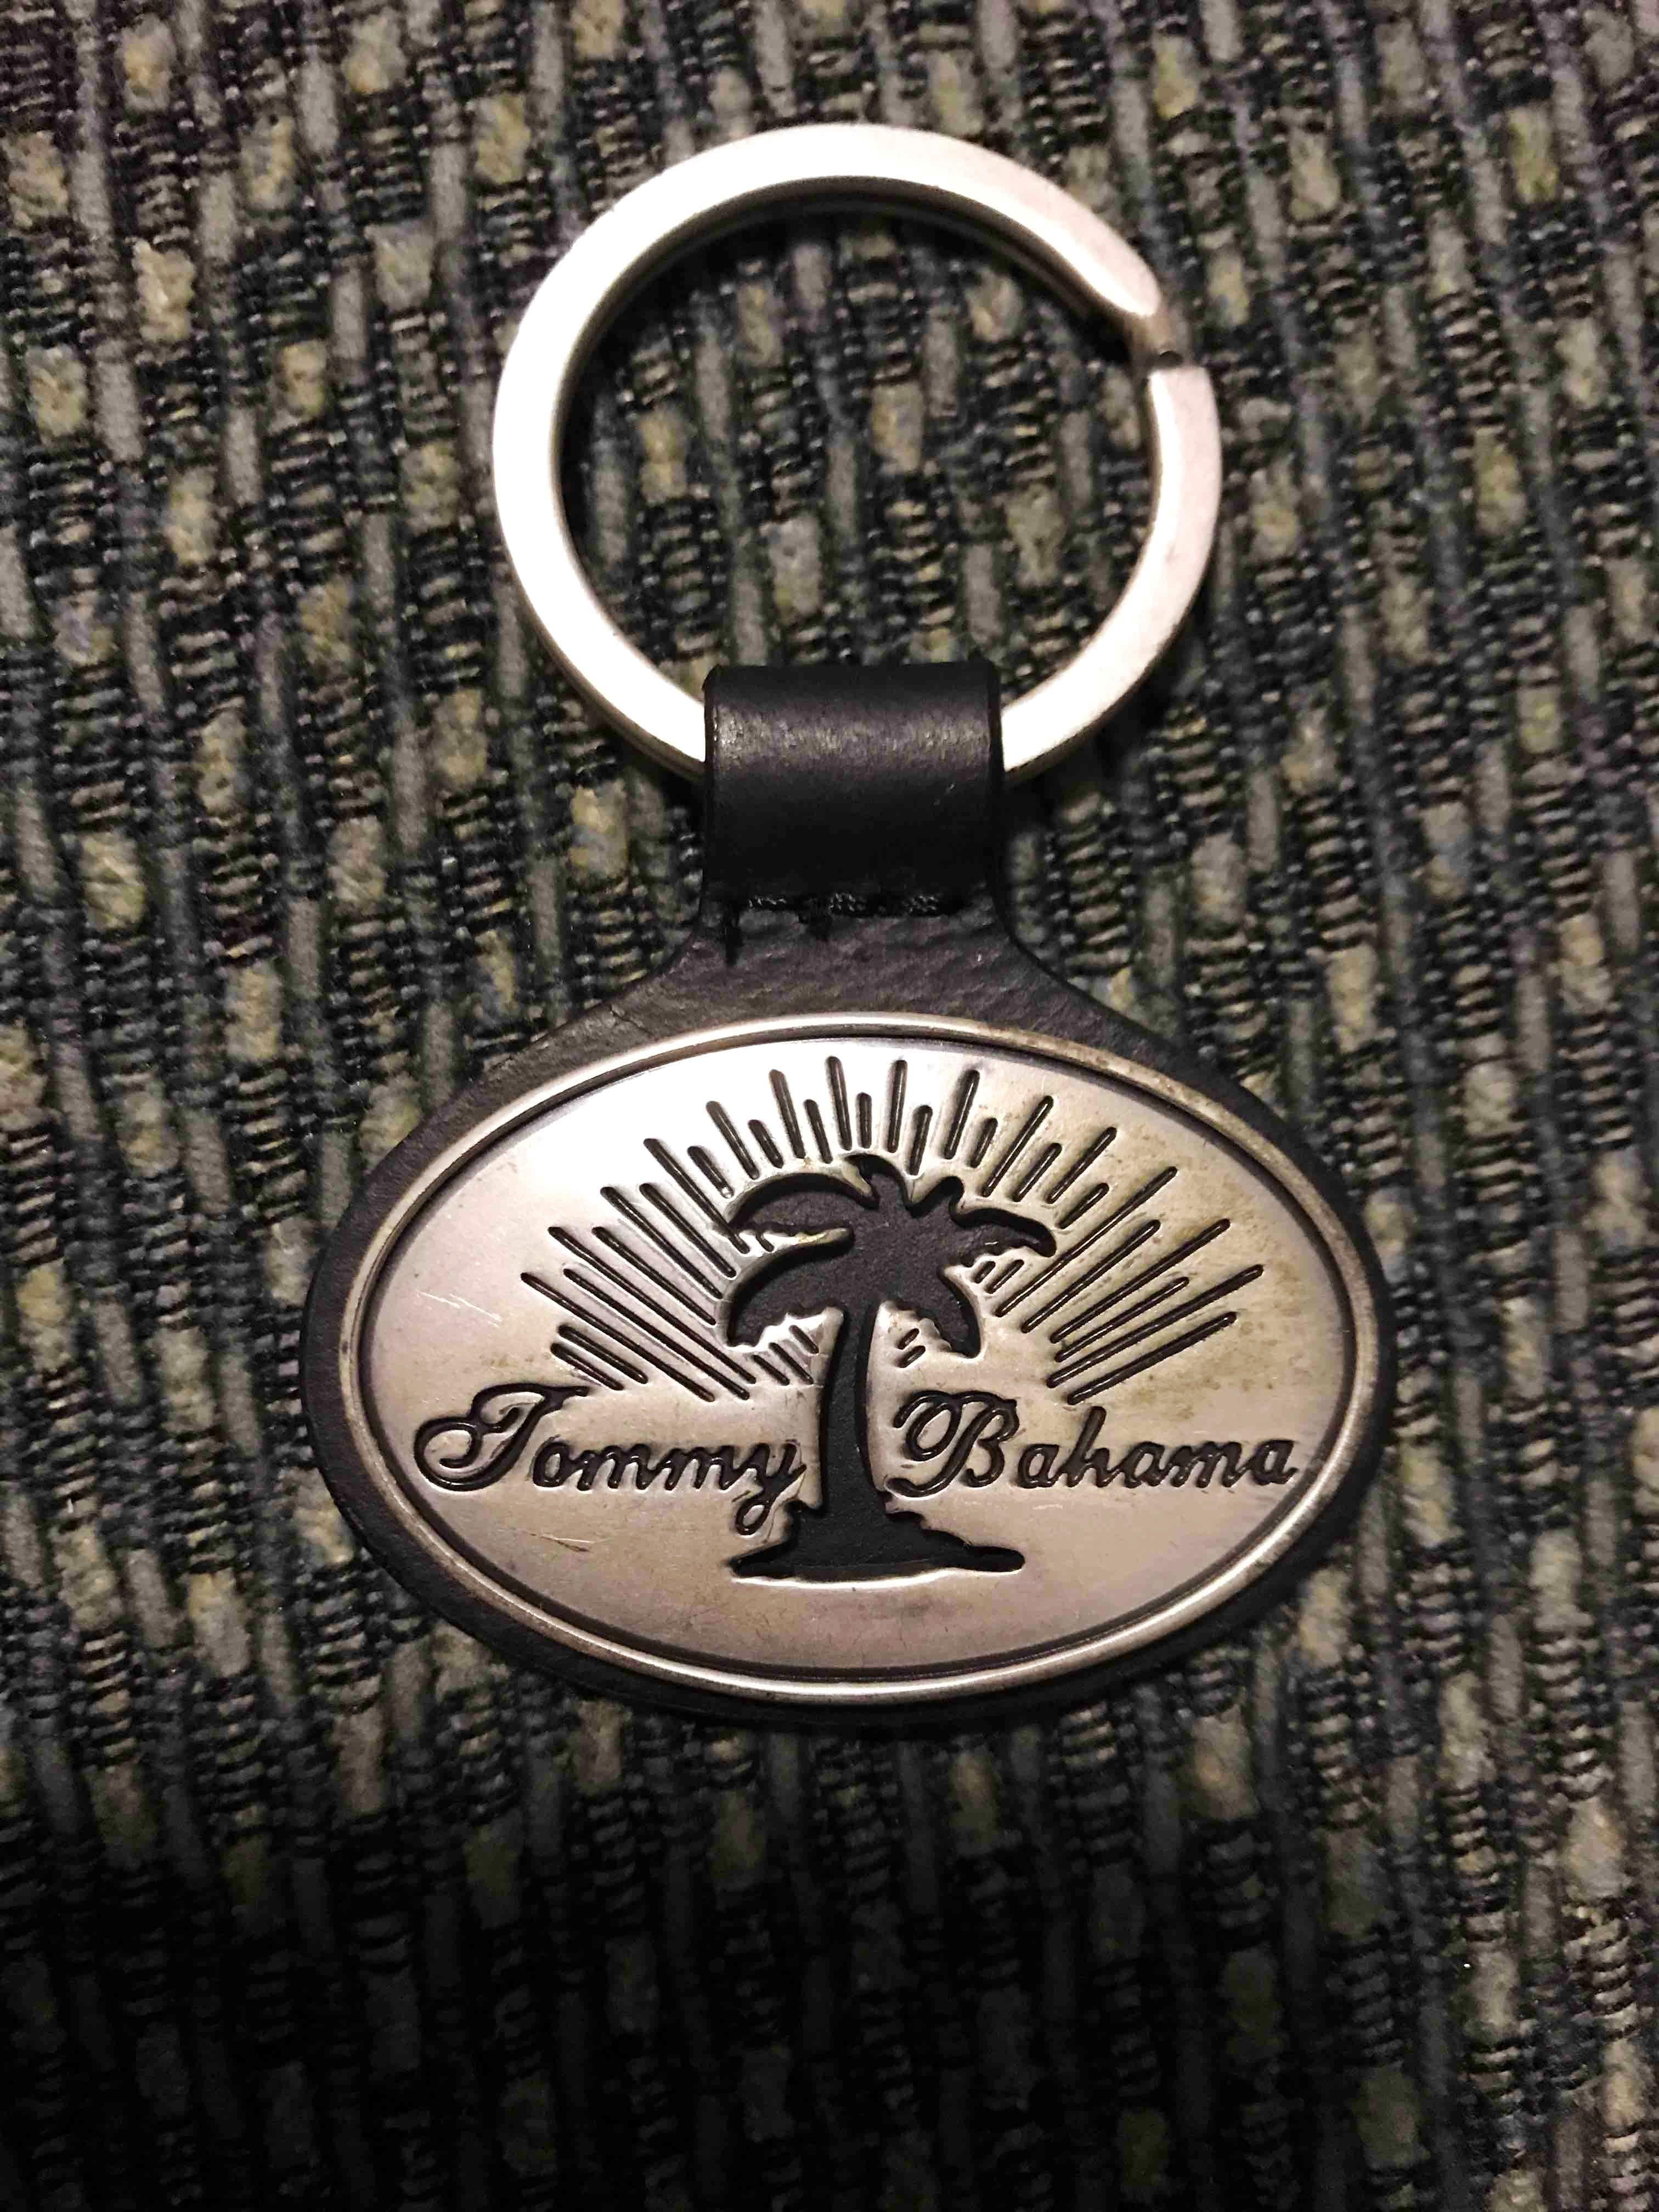 Tommy Bahama key fob